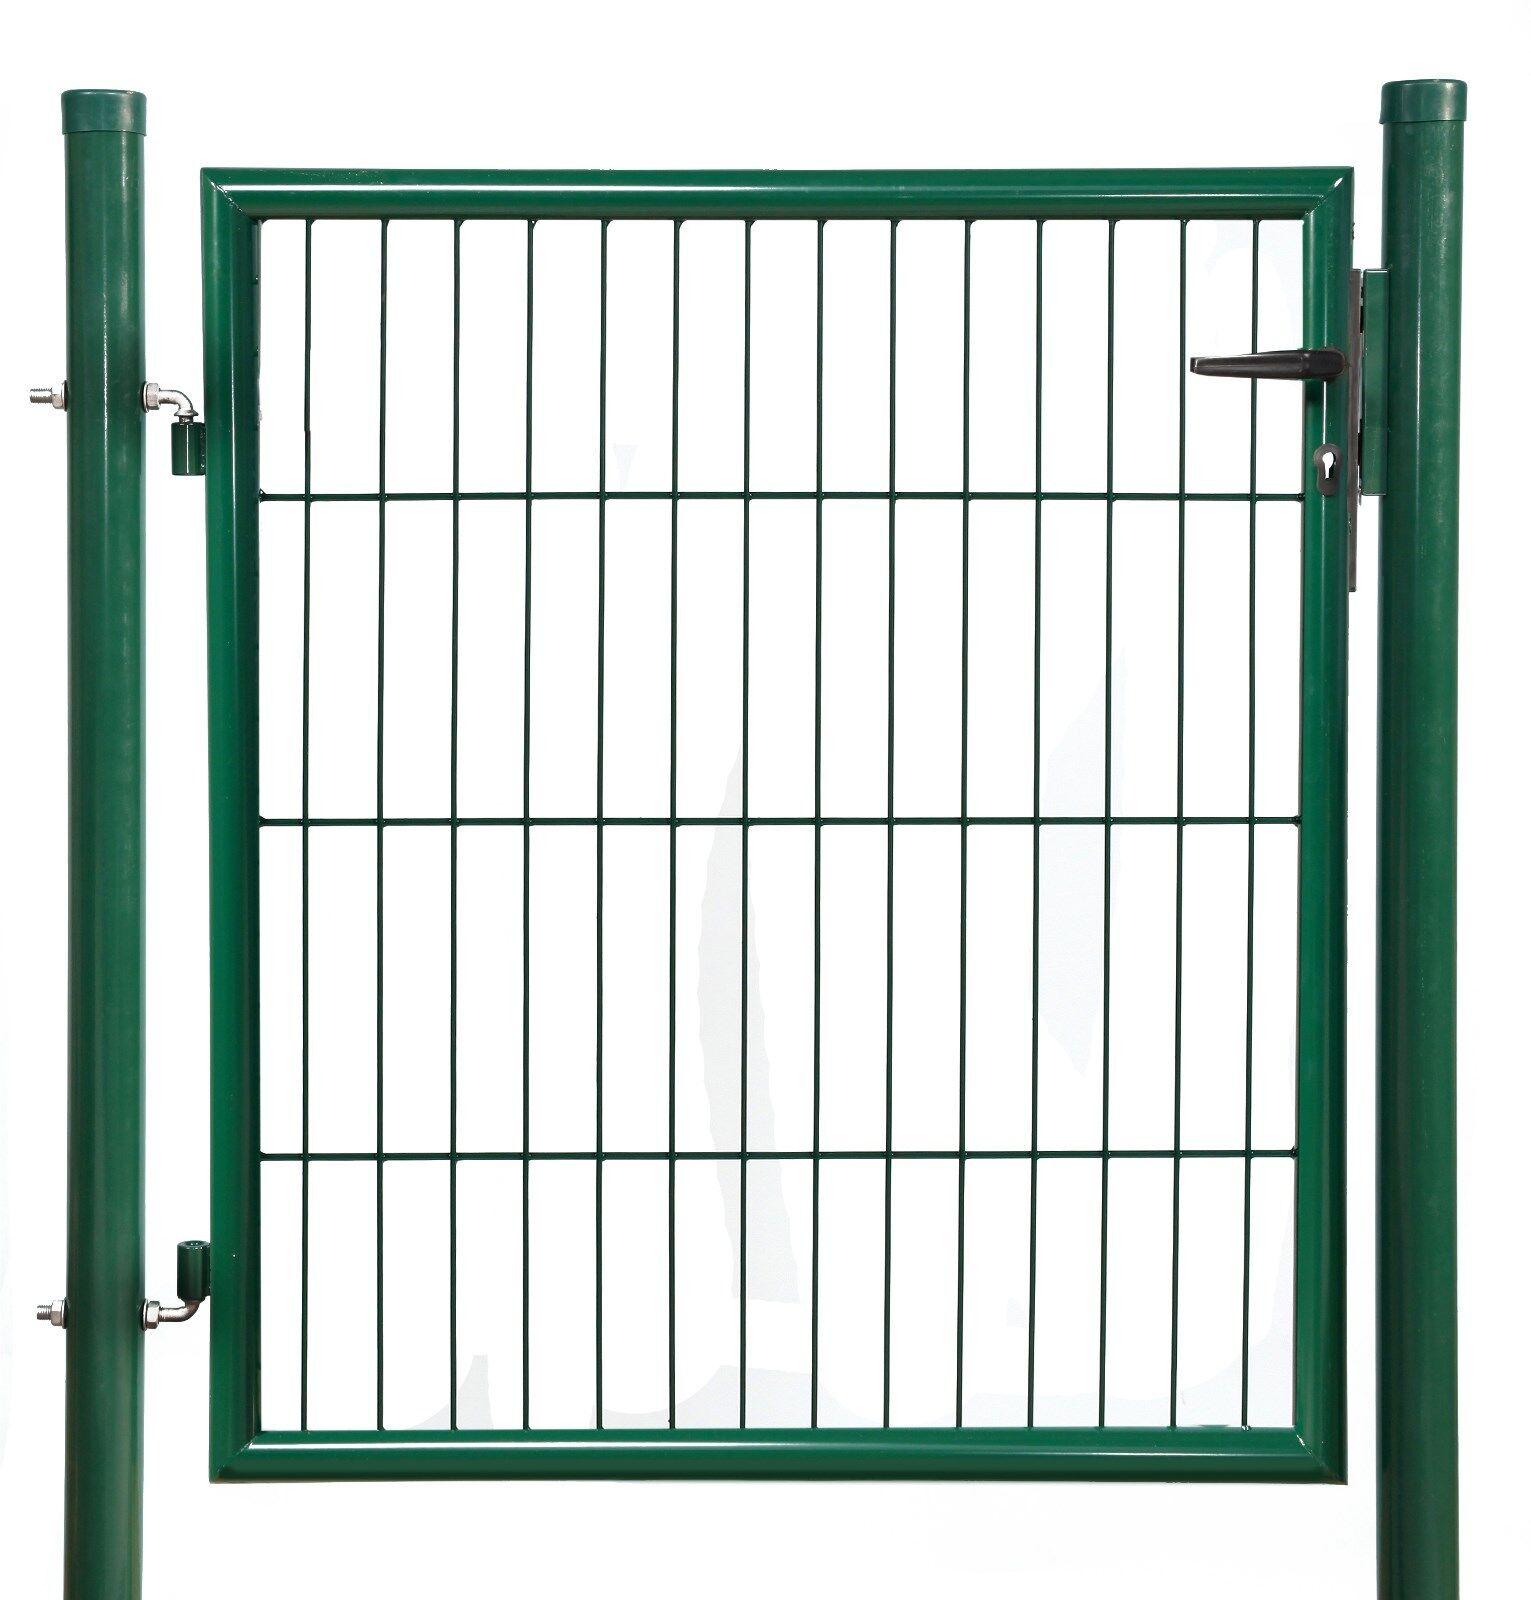 Gartenpforte, Einzeltor, Zauntor, Metall grün 1000x1000 mm, kompl. mit Zubehör